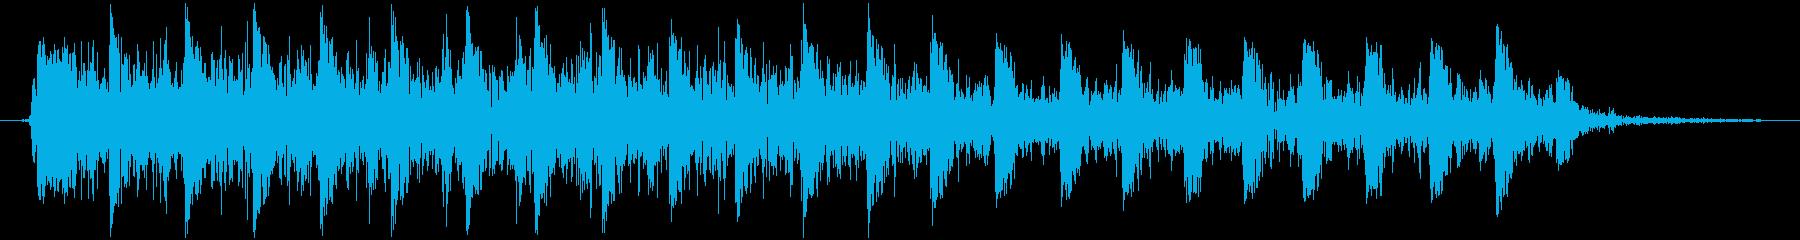 【銃声音014】マシンガンの音の再生済みの波形